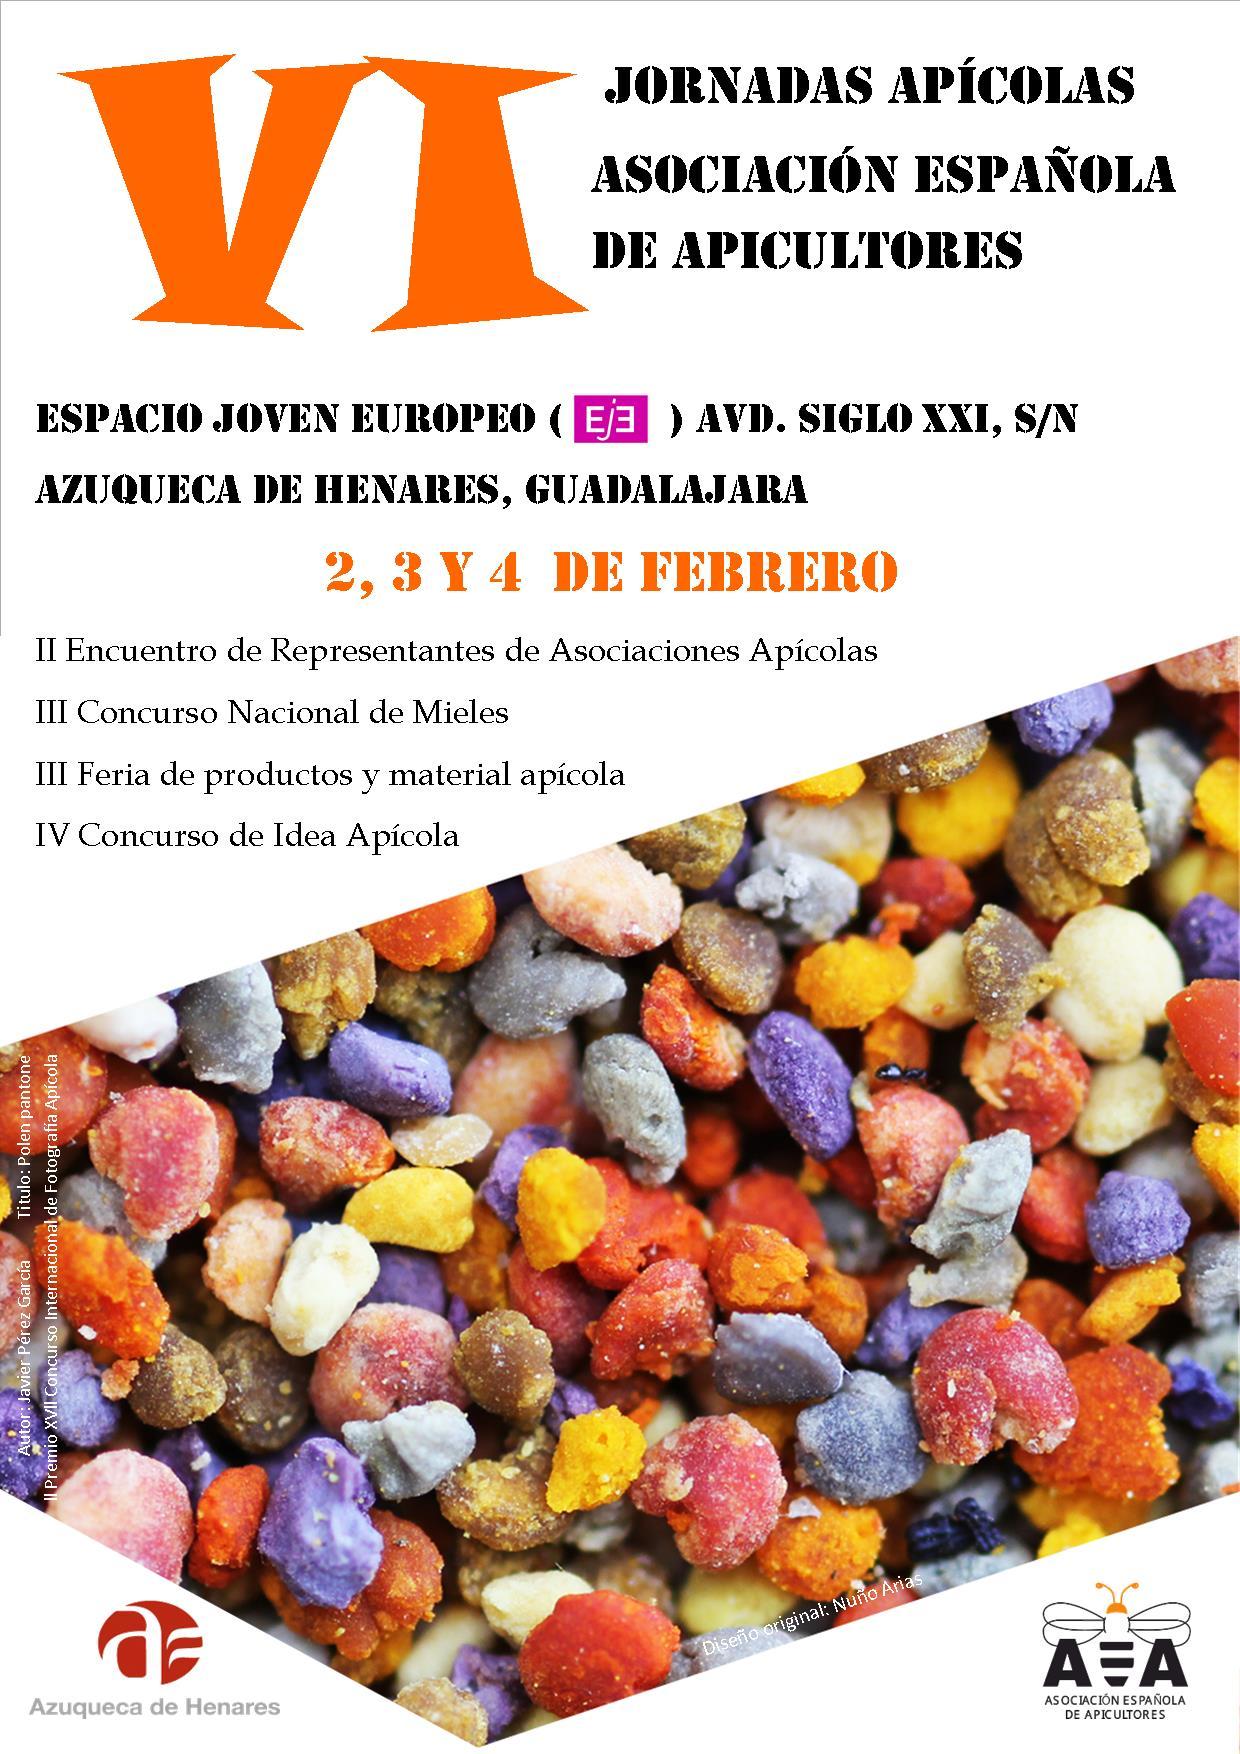 Asociacion espanola apicultores 2018